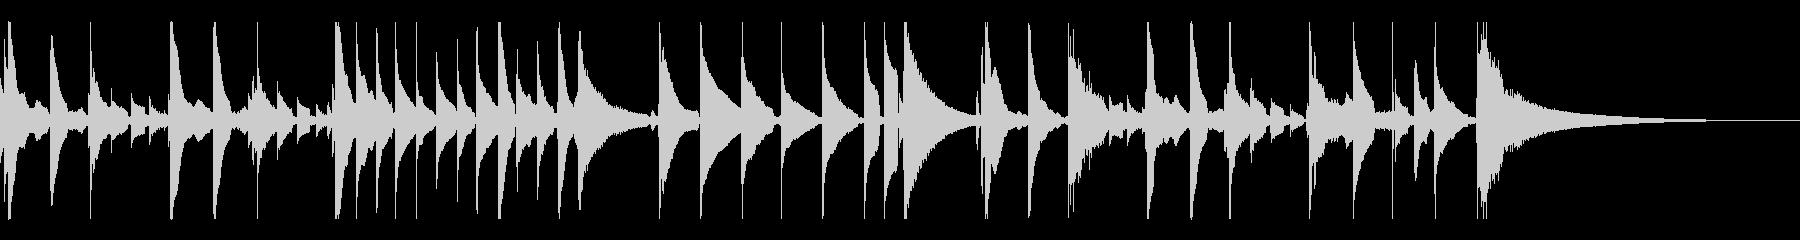 童謡「さくらさくら」をウクレレ演奏の未再生の波形